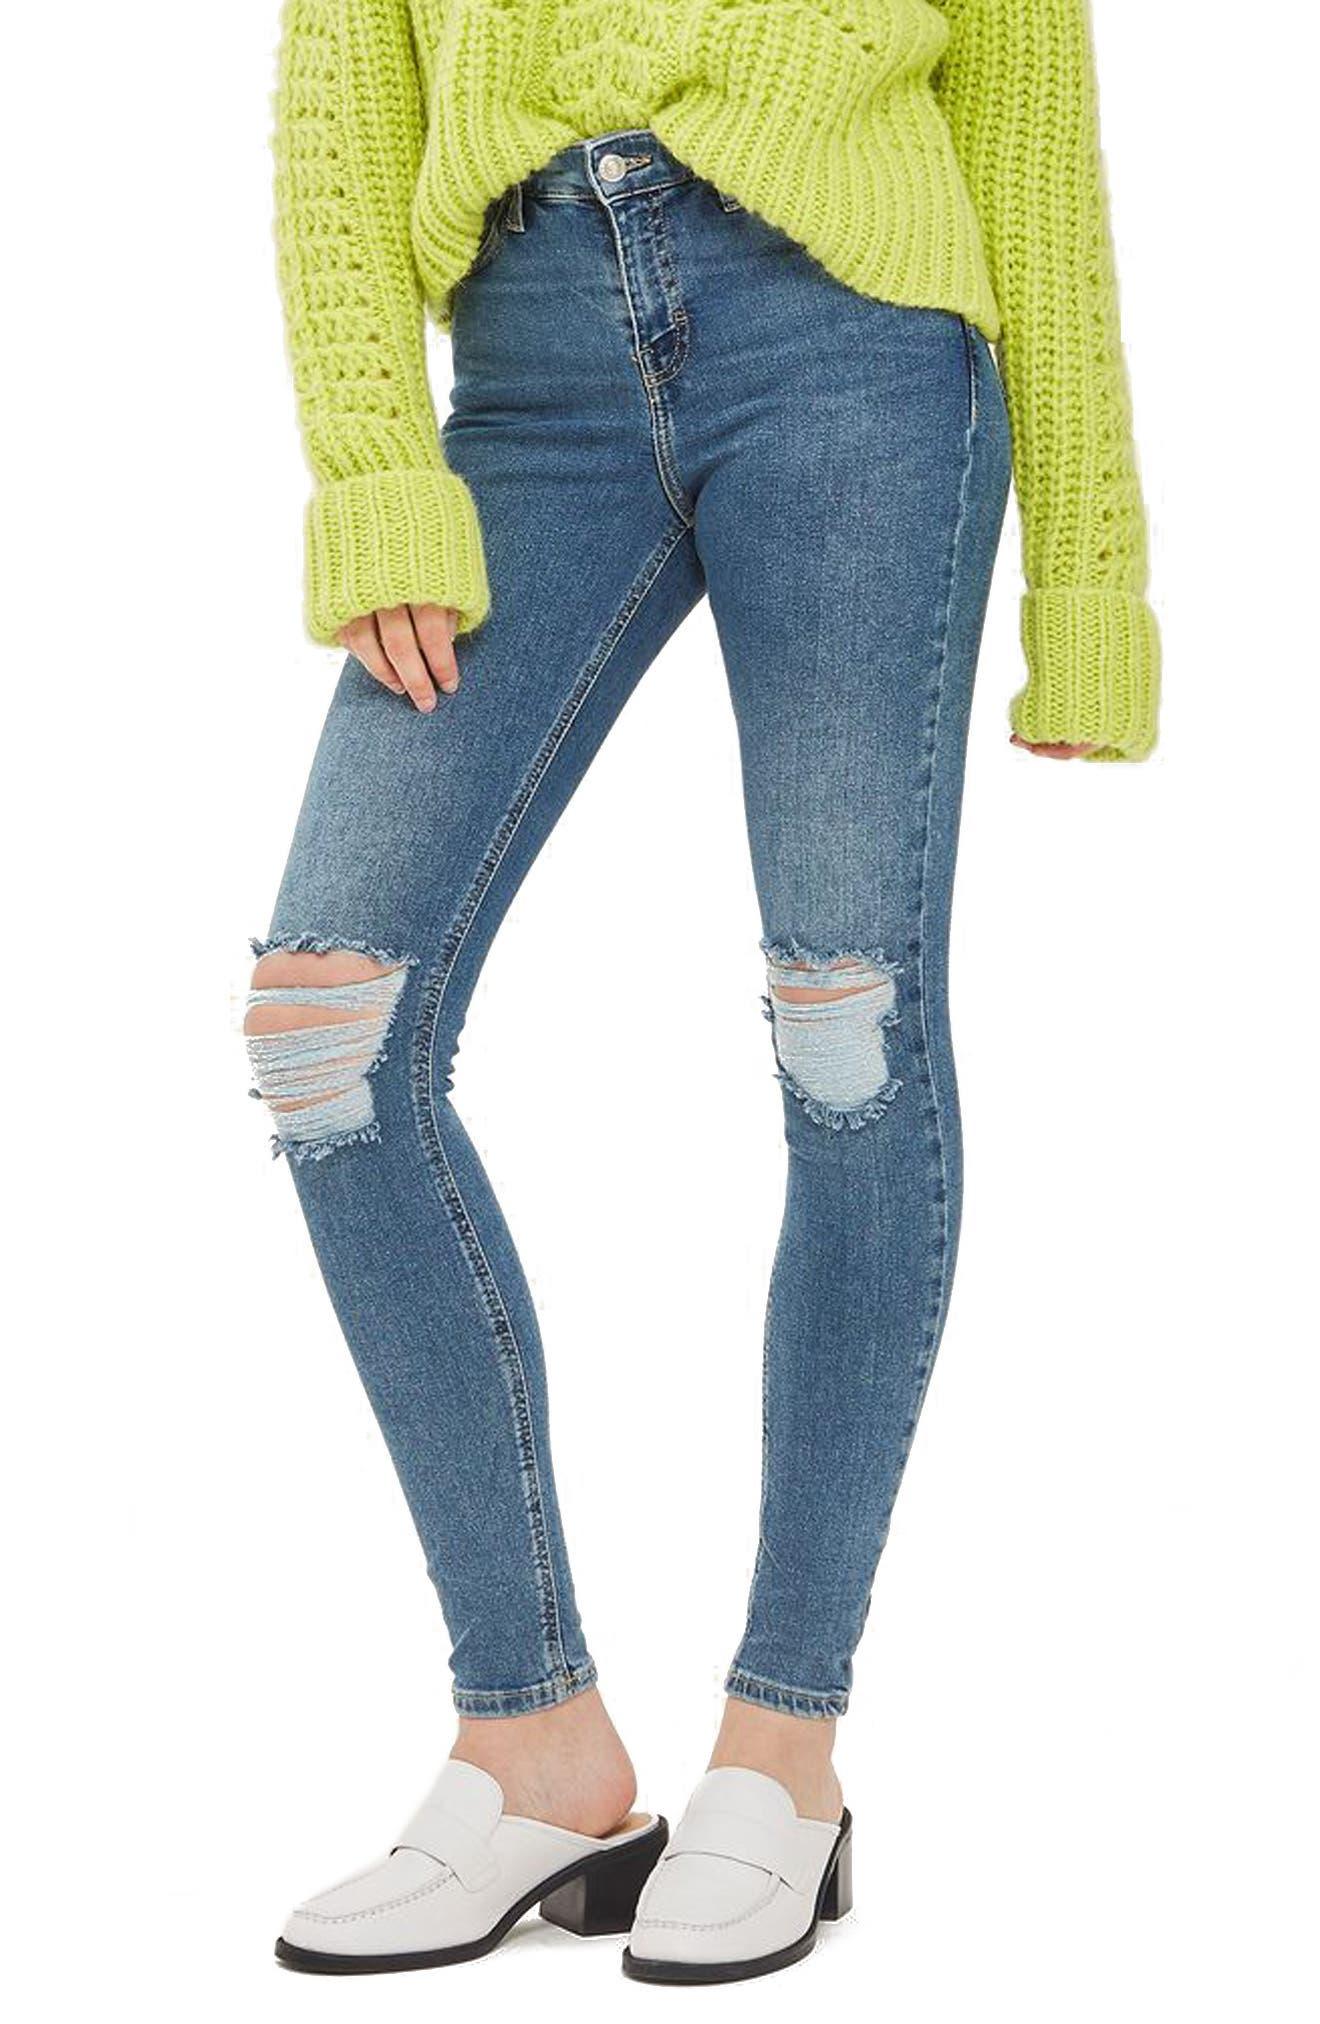 Alternate Image 1 Selected - Topshop Jamie Rip High Waist Skinny Jeans